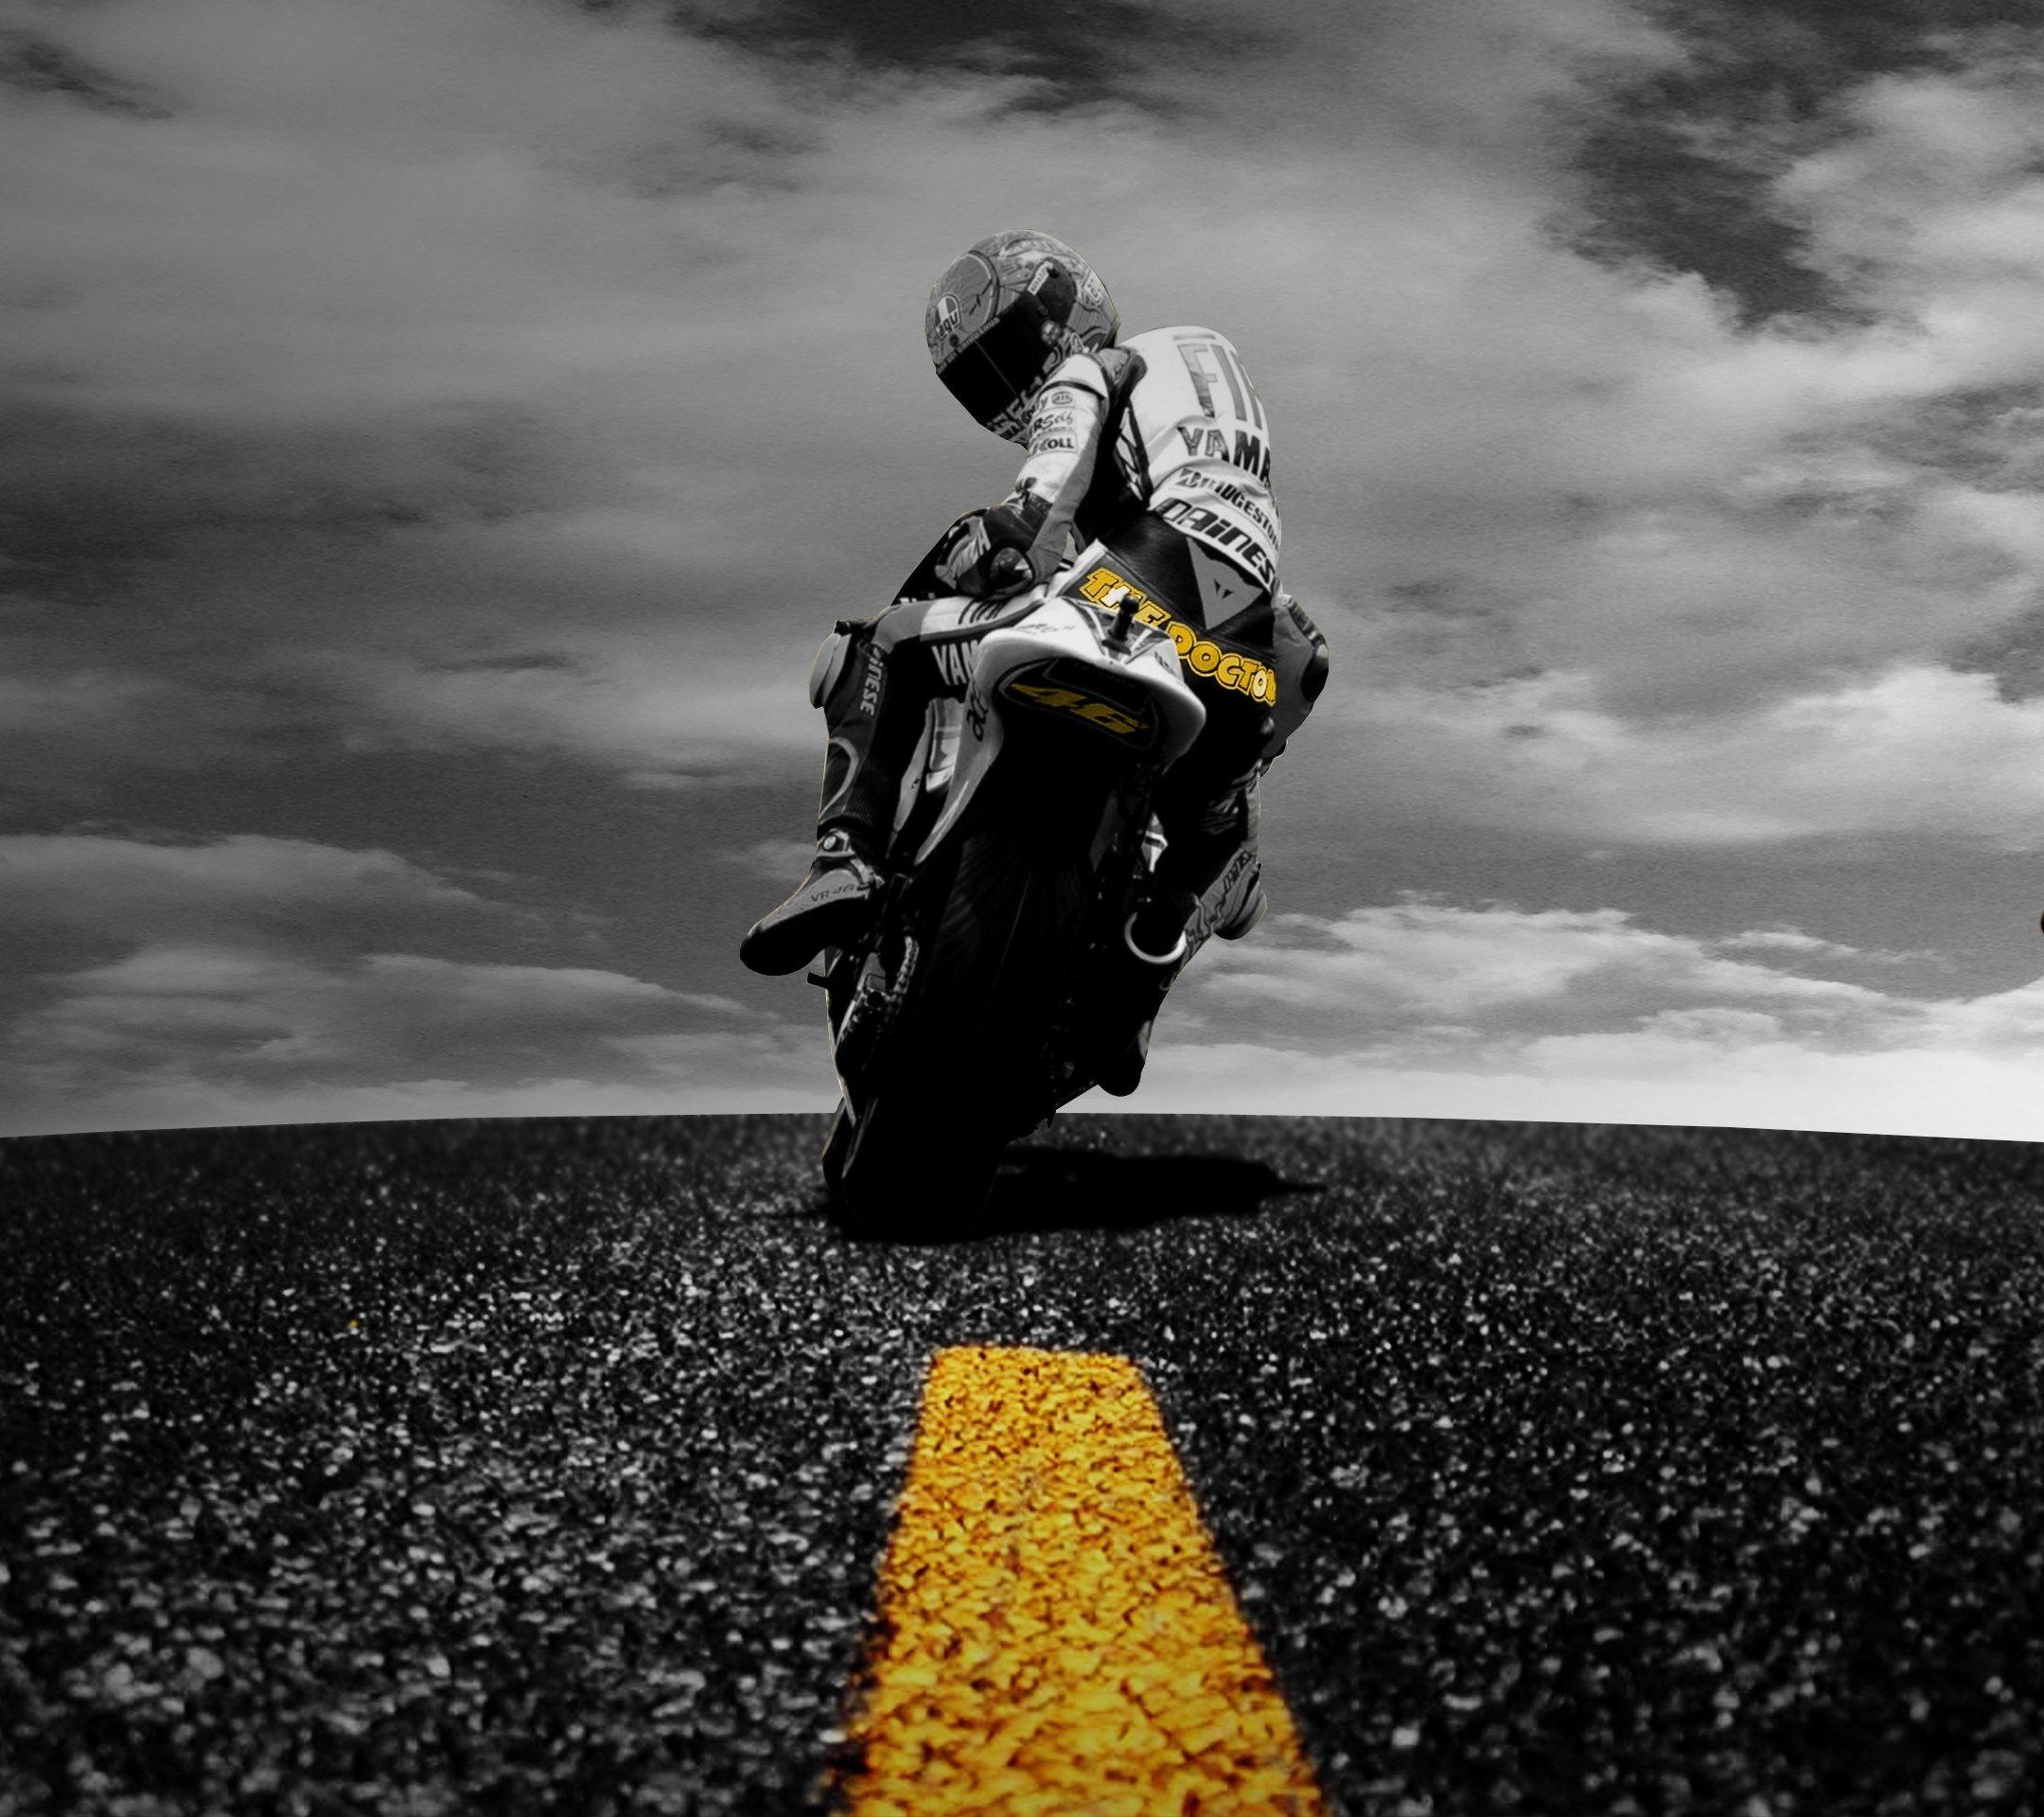 Valentino Rossi Full Hd Wallpaper Photo Valentino Rossi Full